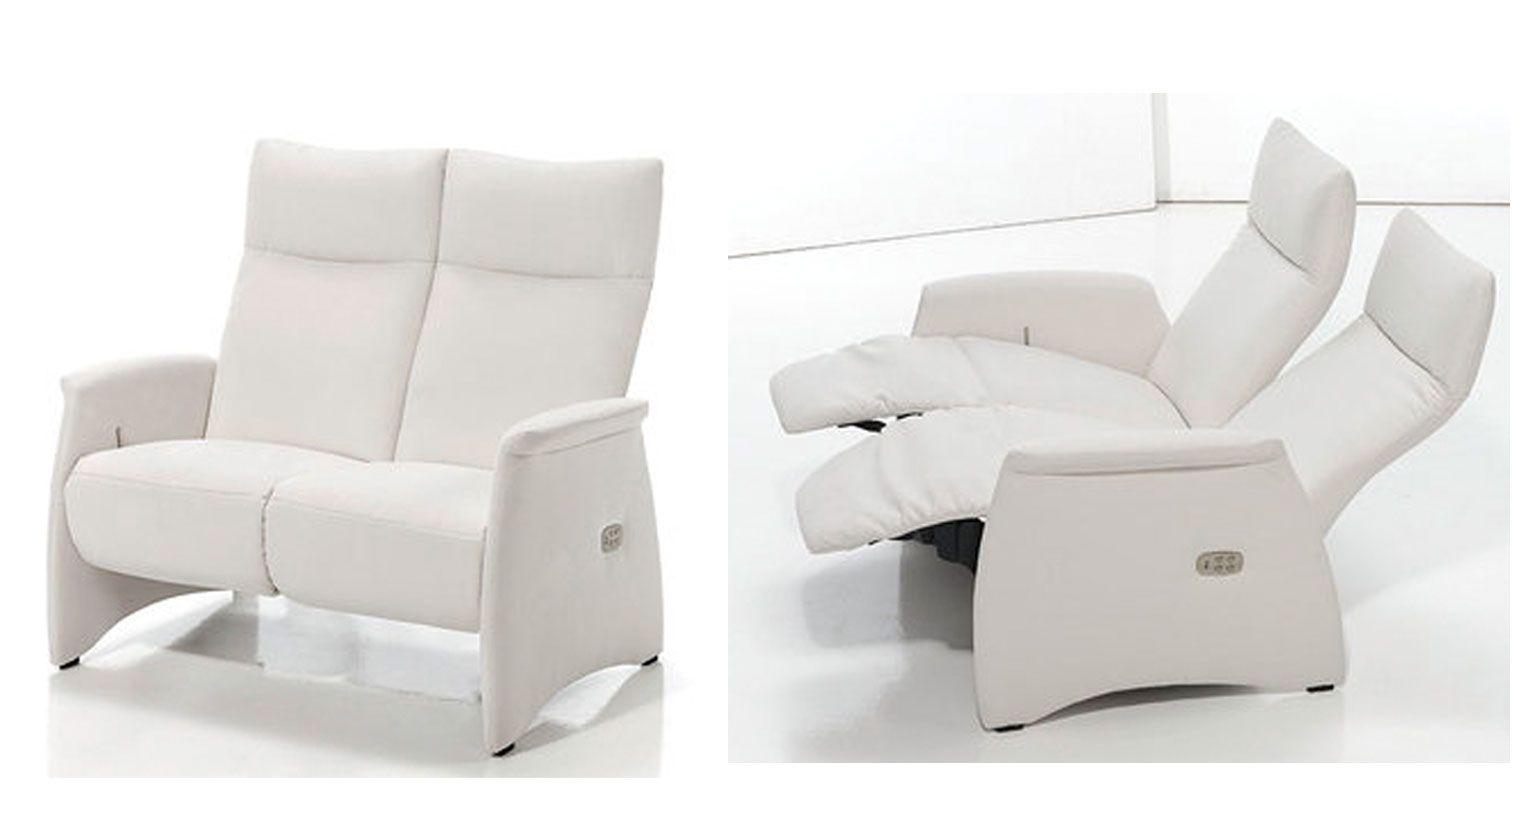 Comprar sof relax mediterr nea mod 3 5 plazas relax for Sofas baratos asturias